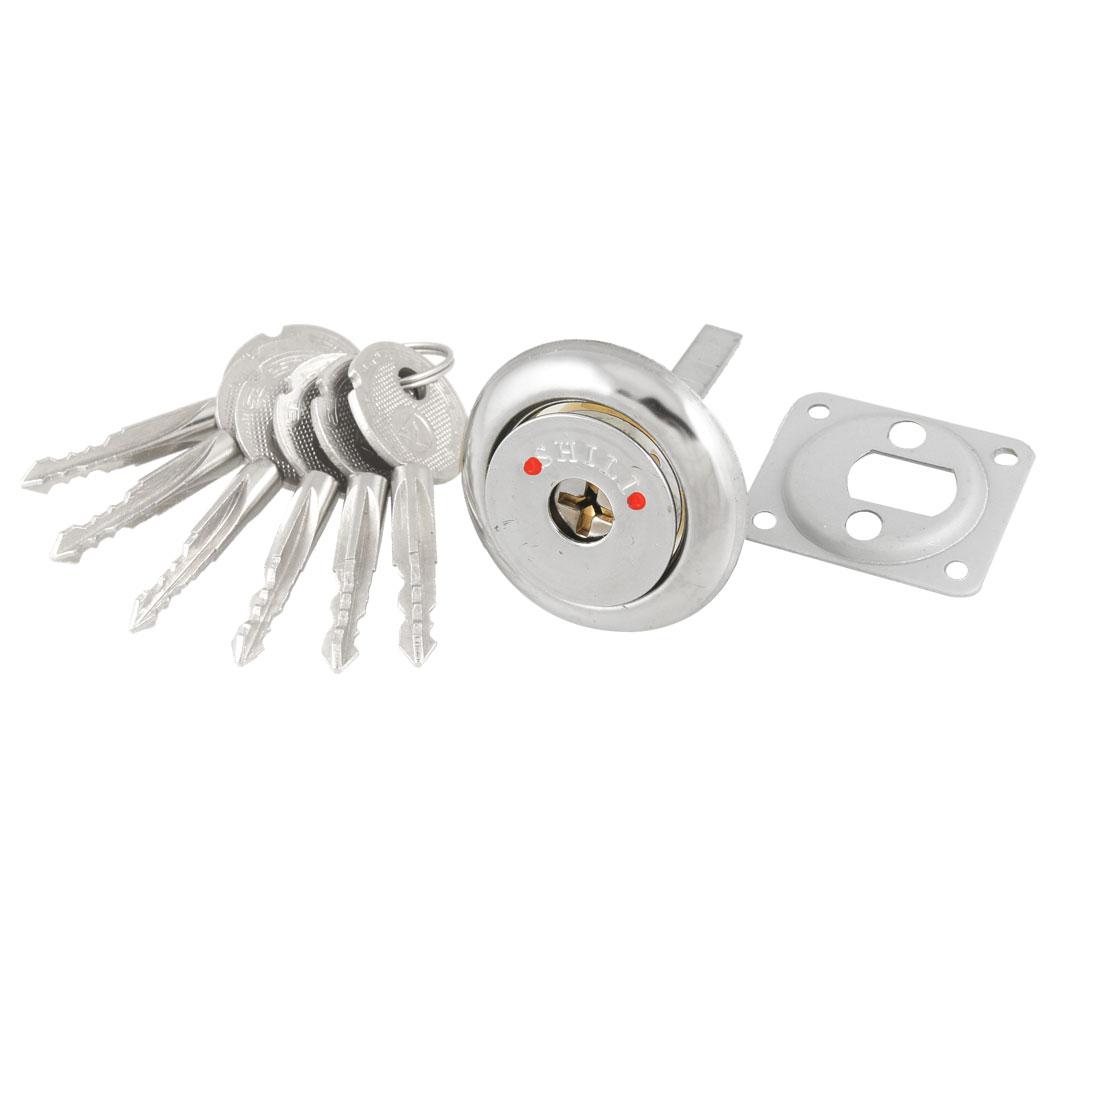 Brass Screw Cross Keyway Security Lock Key Cylinder w 6 Keys